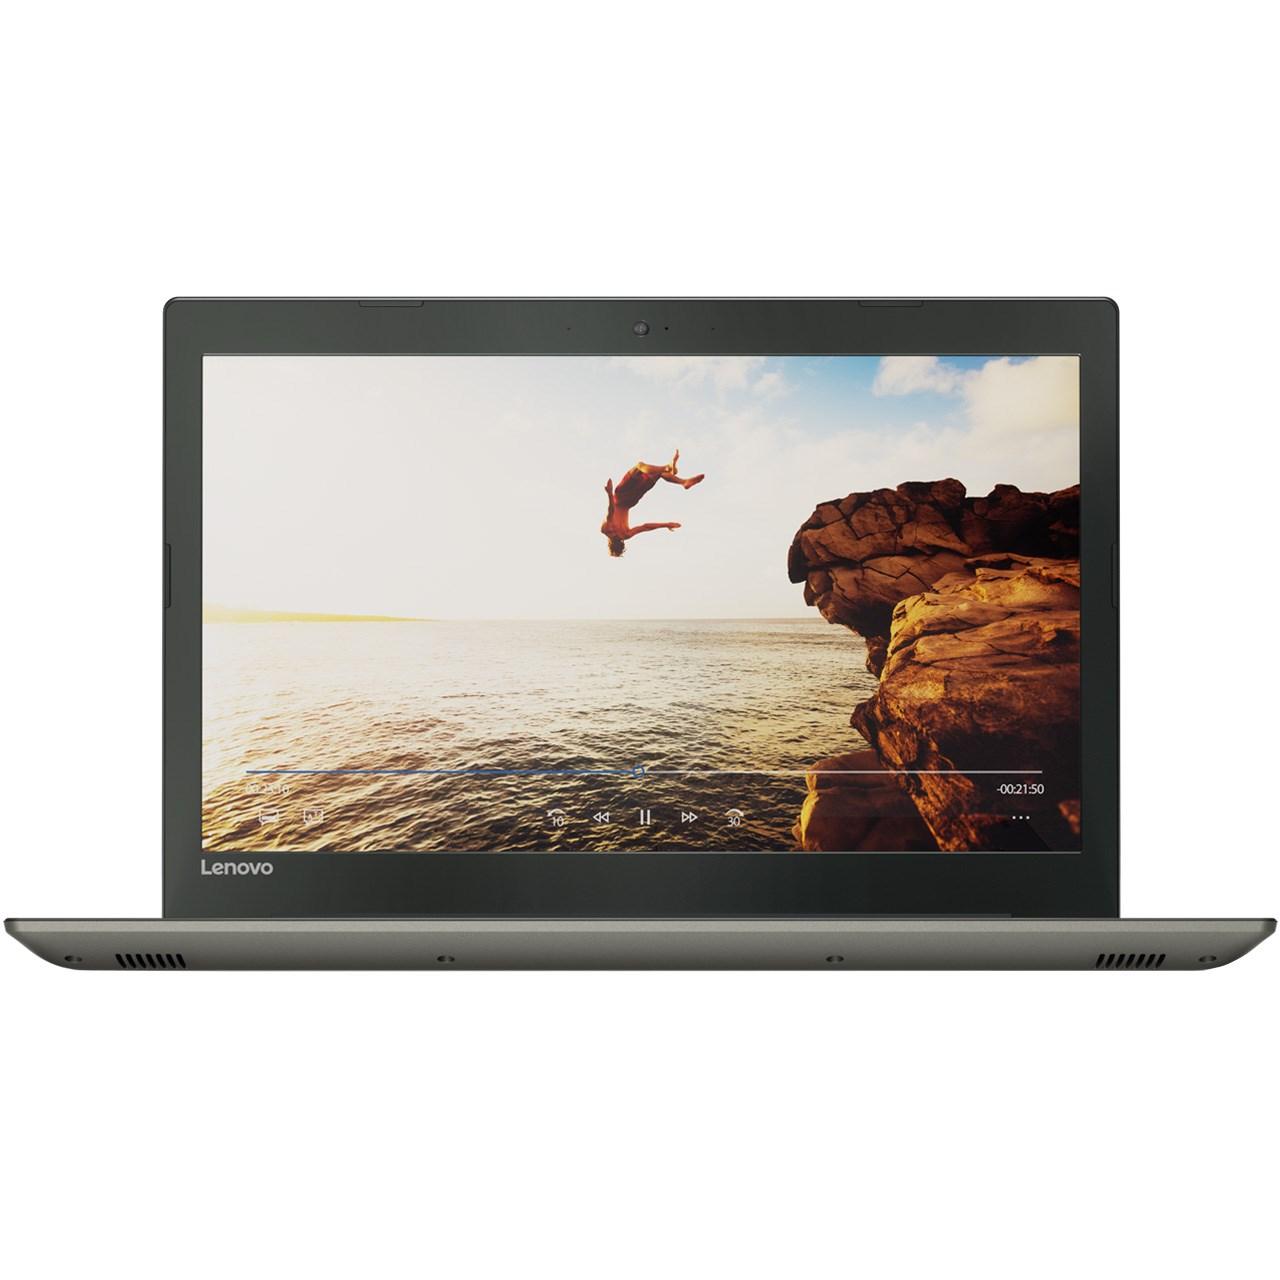 لپ تاپ 15 اینچی لنوو مدل Ideapad 520 - O | Lenovo Ideapad 520 - O 15 inch Laptop